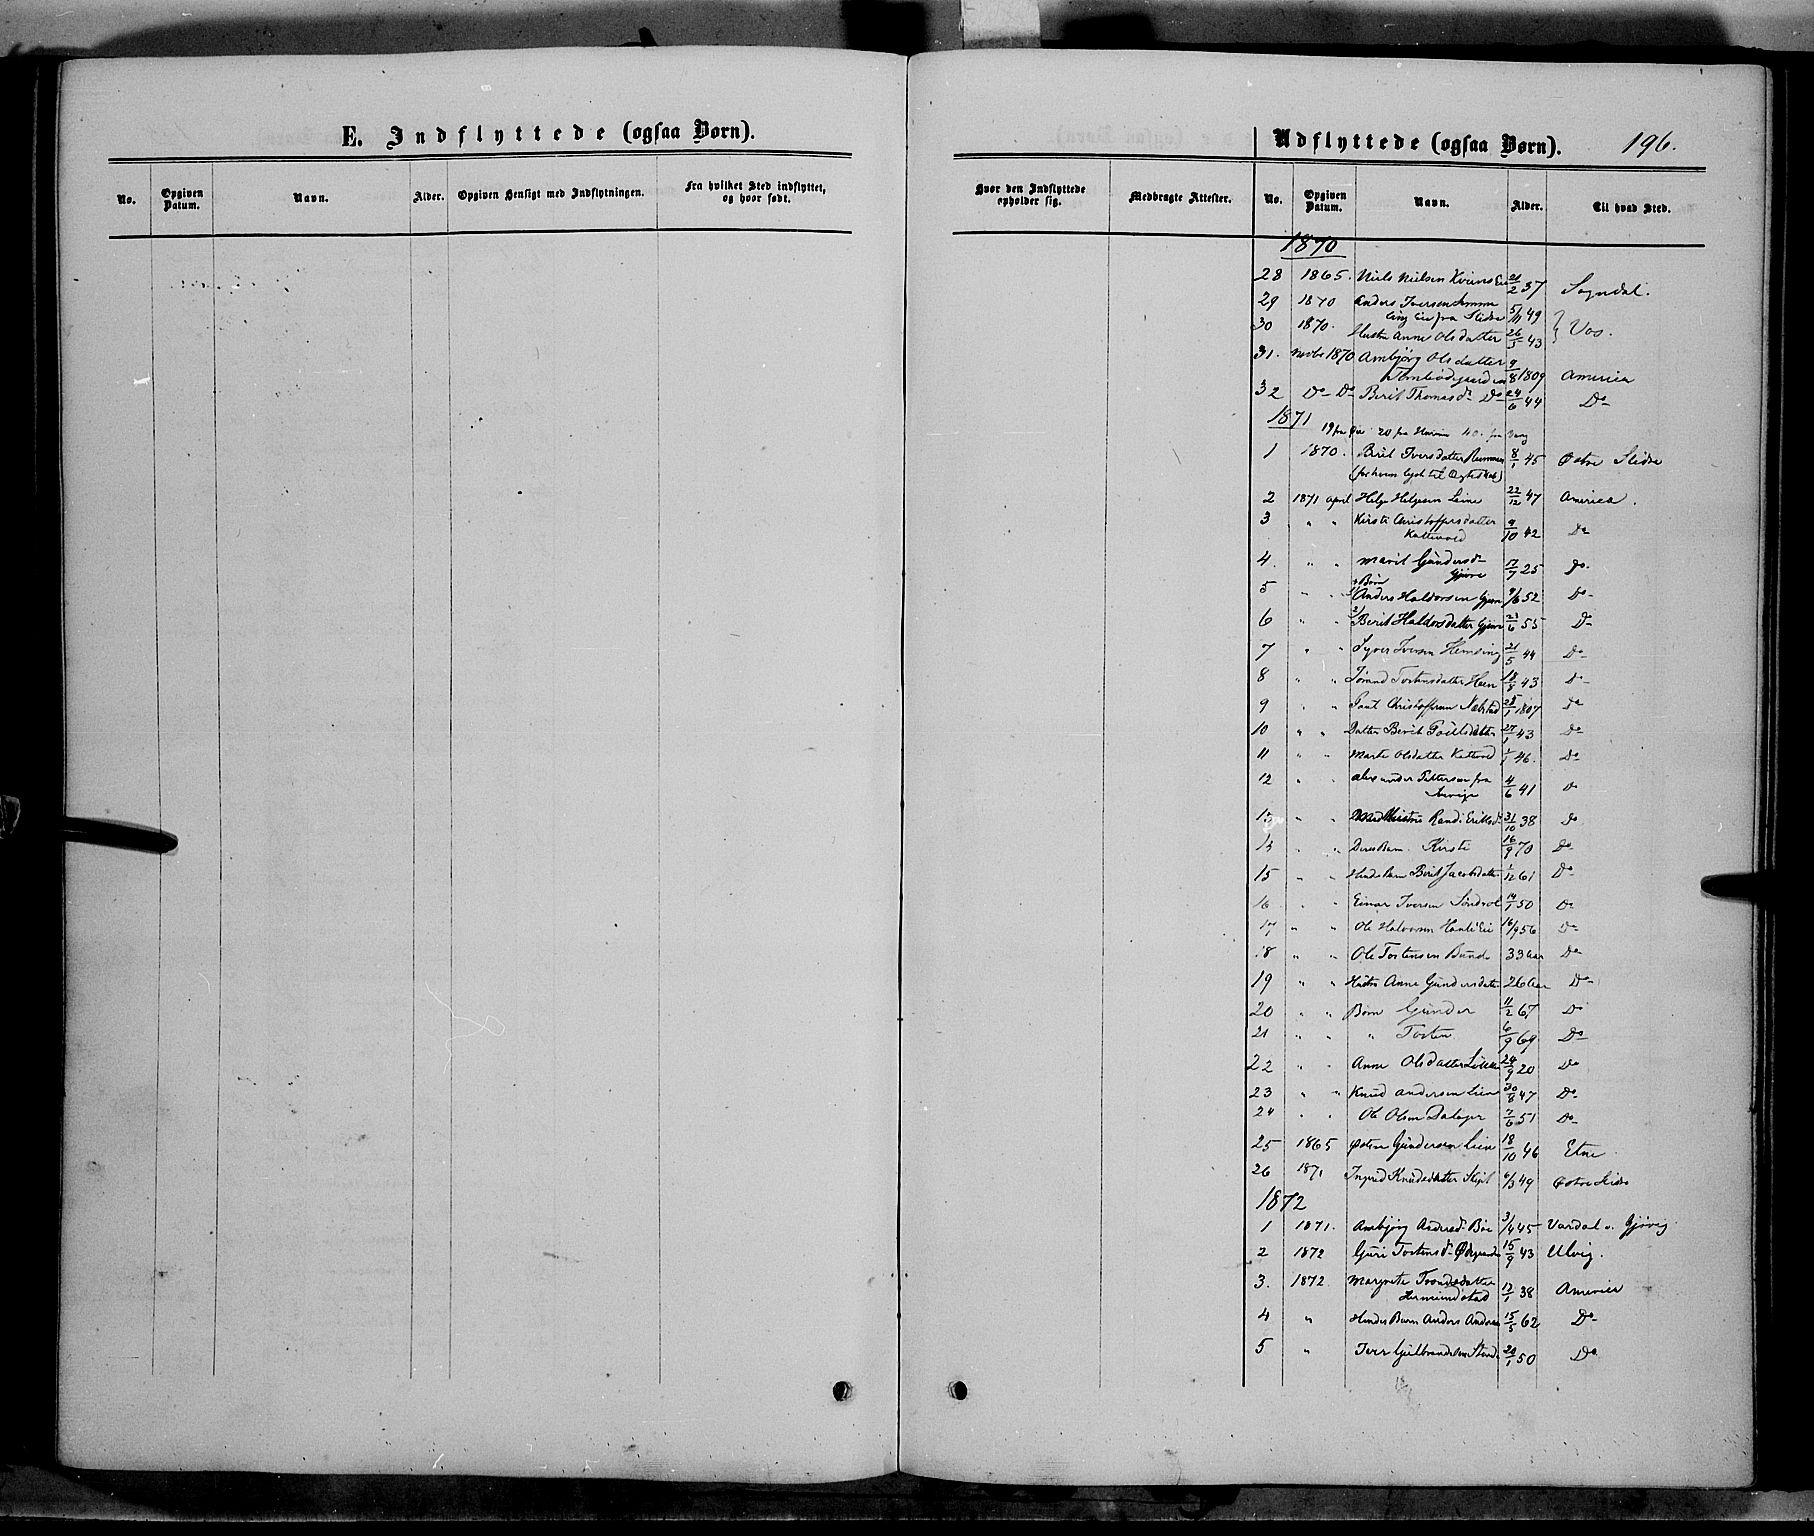 SAH, Vang prestekontor, Valdres, Ministerialbok nr. 7, 1865-1881, s. 196